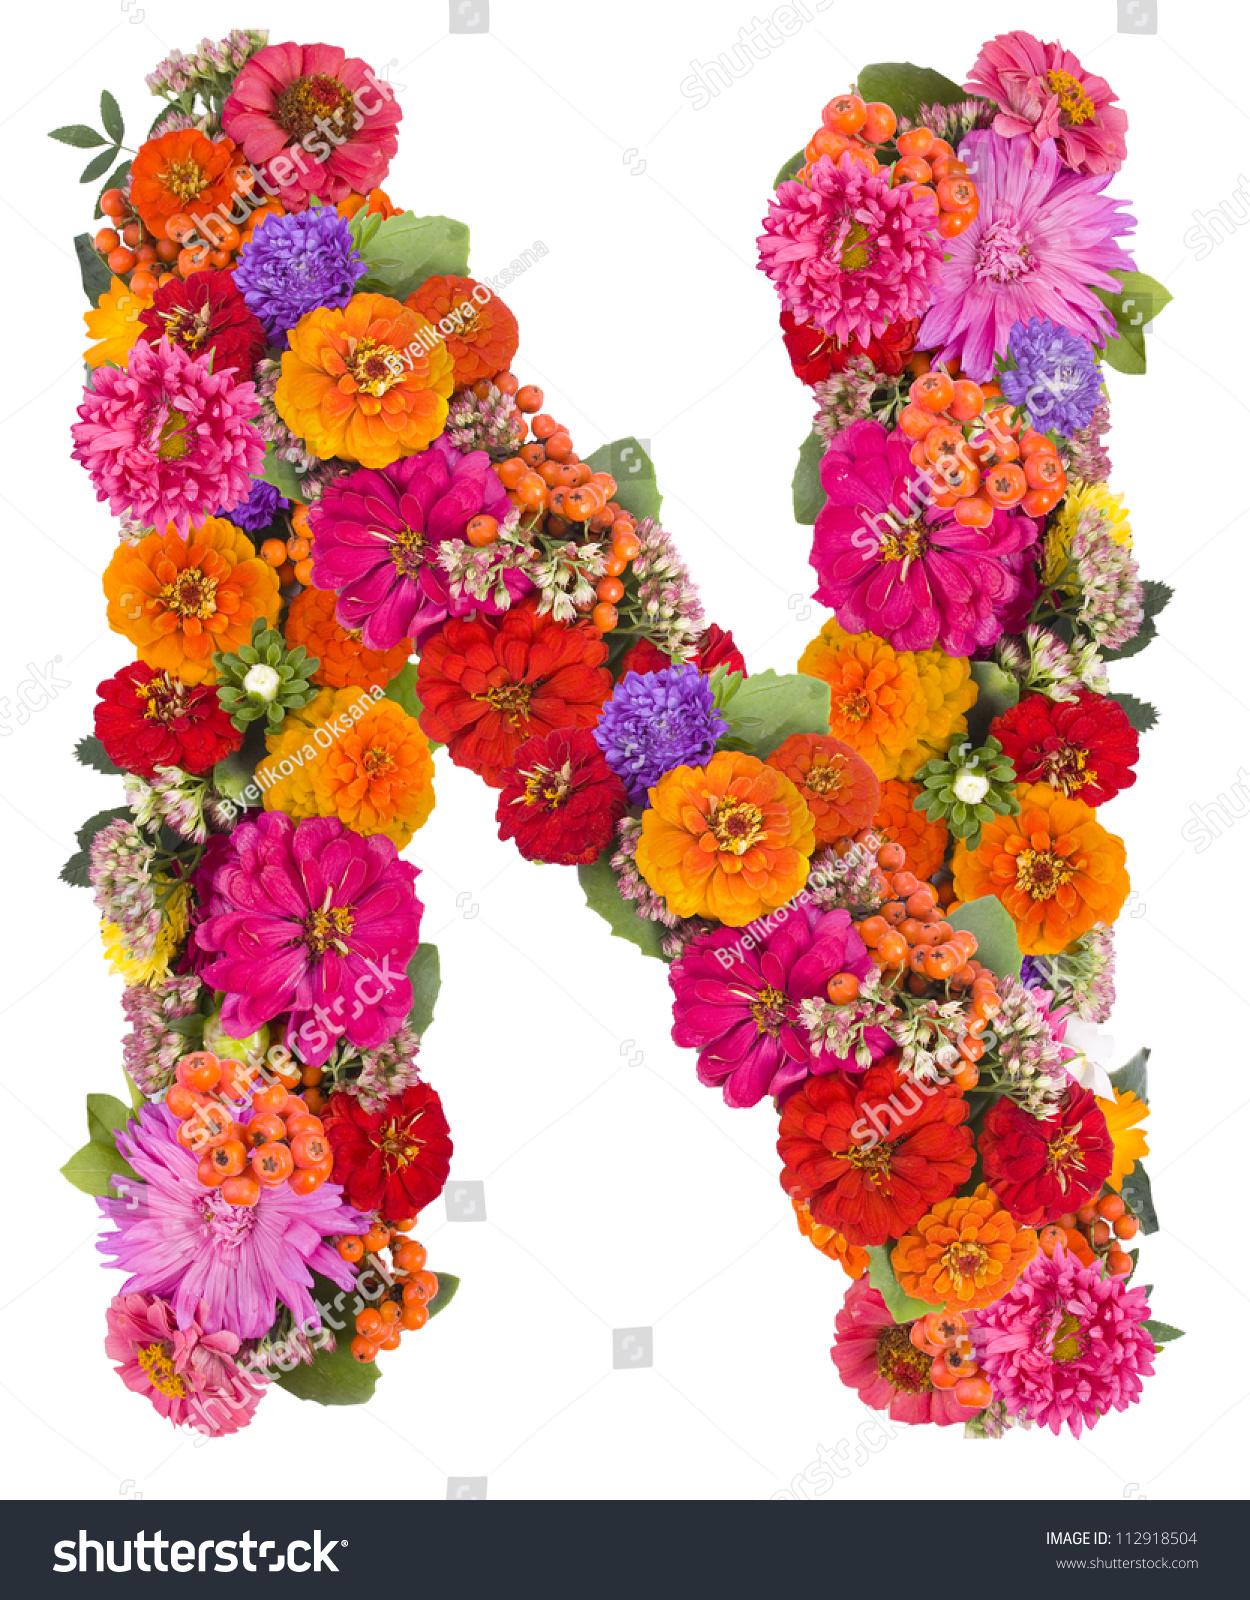 N, Flower Alphabet Isolated On White Stock Photo 112918504 : Shutterstock